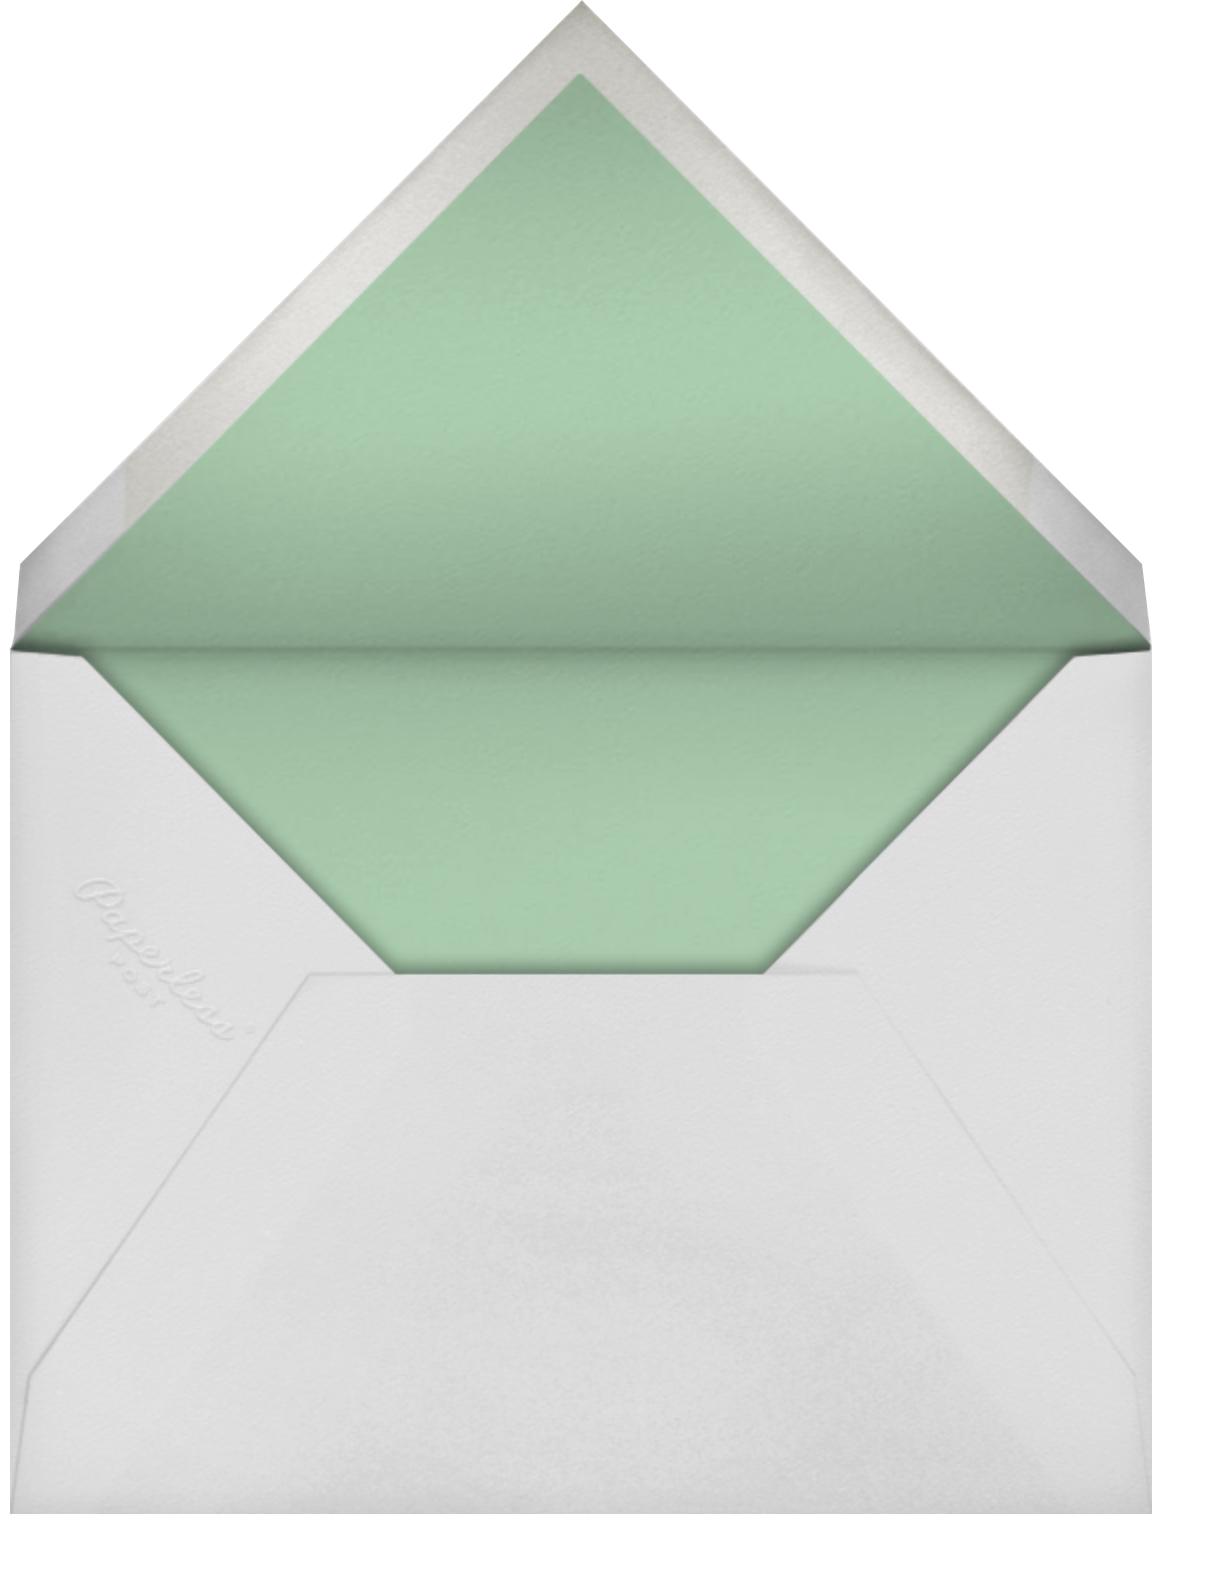 Gingham Shower Photo - Green - Meri Meri - Envelope